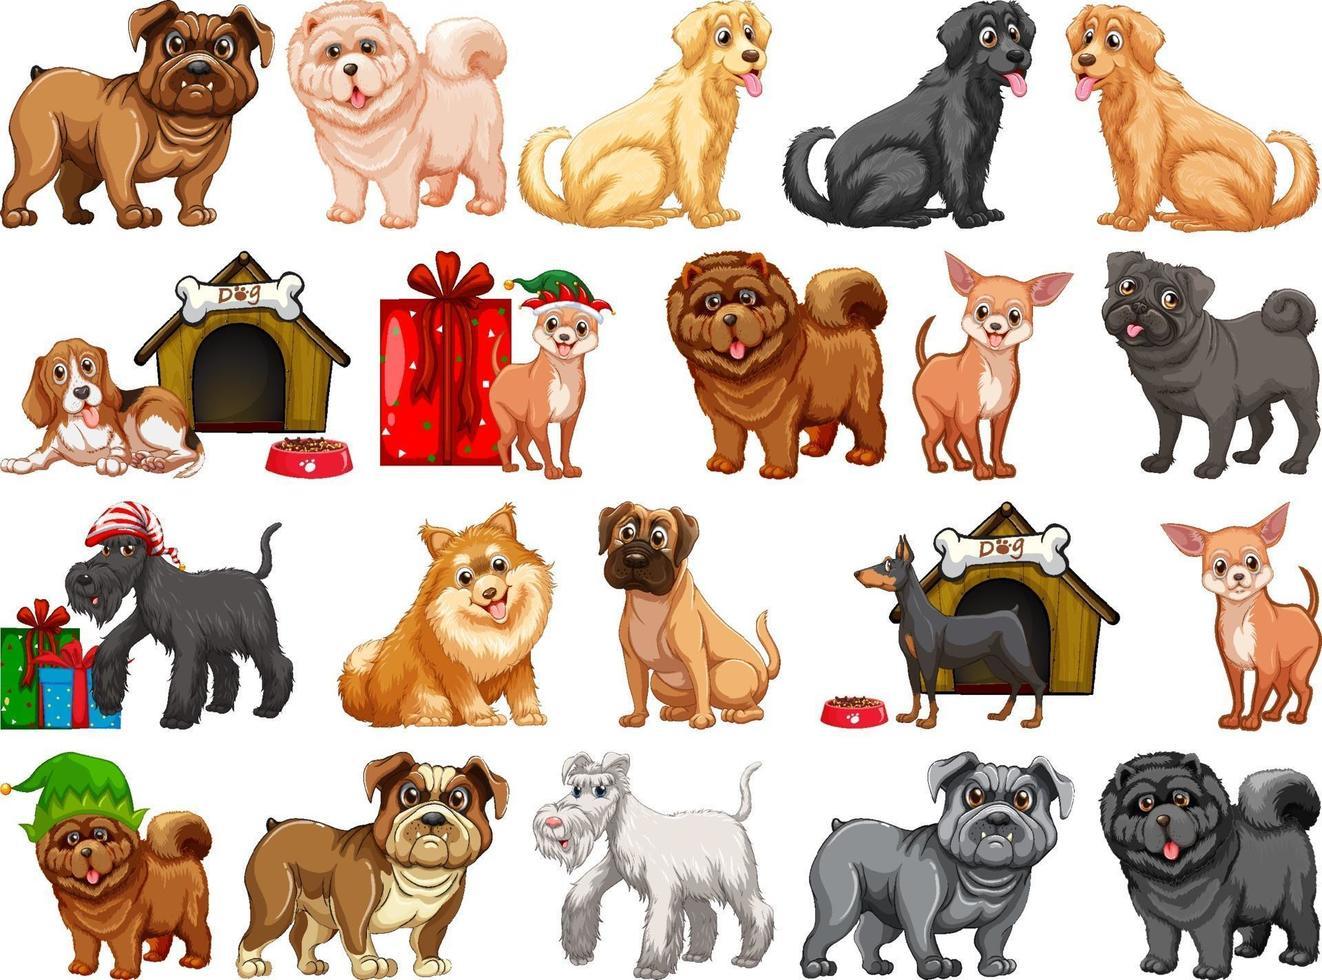 diversi cani divertenti nello stile del fumetto isolato su priorità bassa bianca vettore